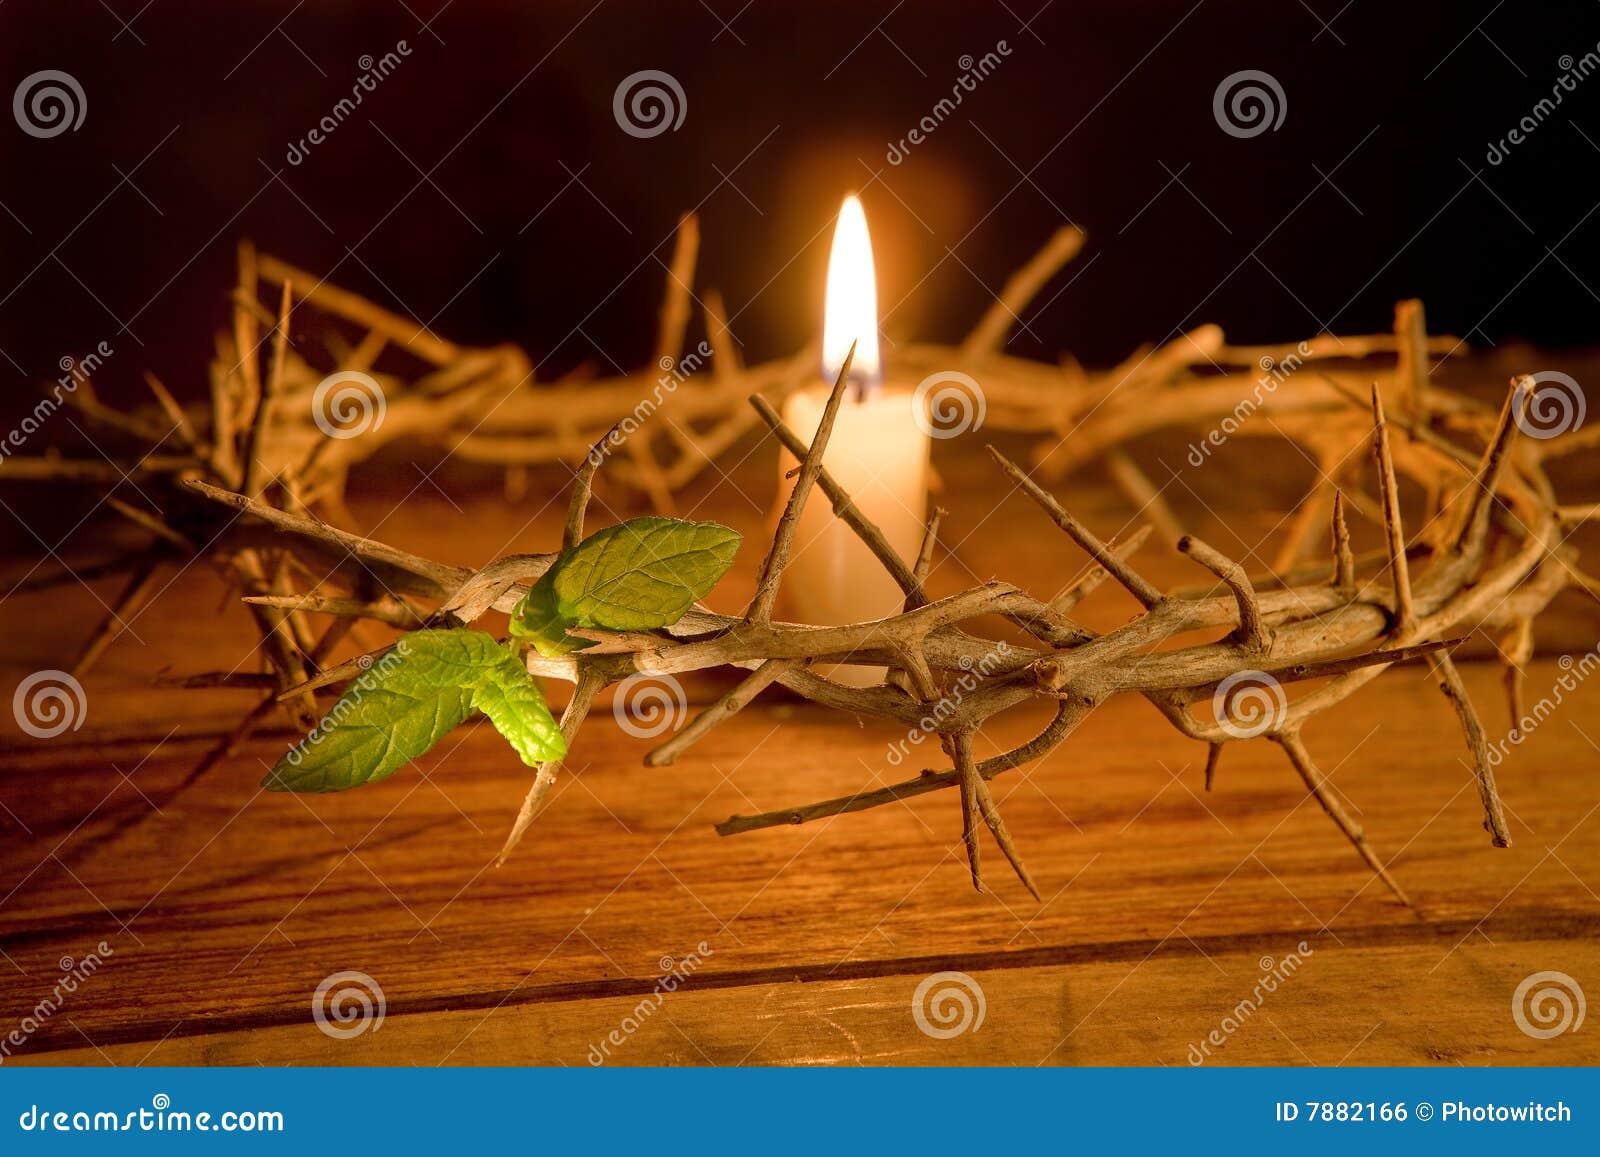 Dornenkrone und Kerze